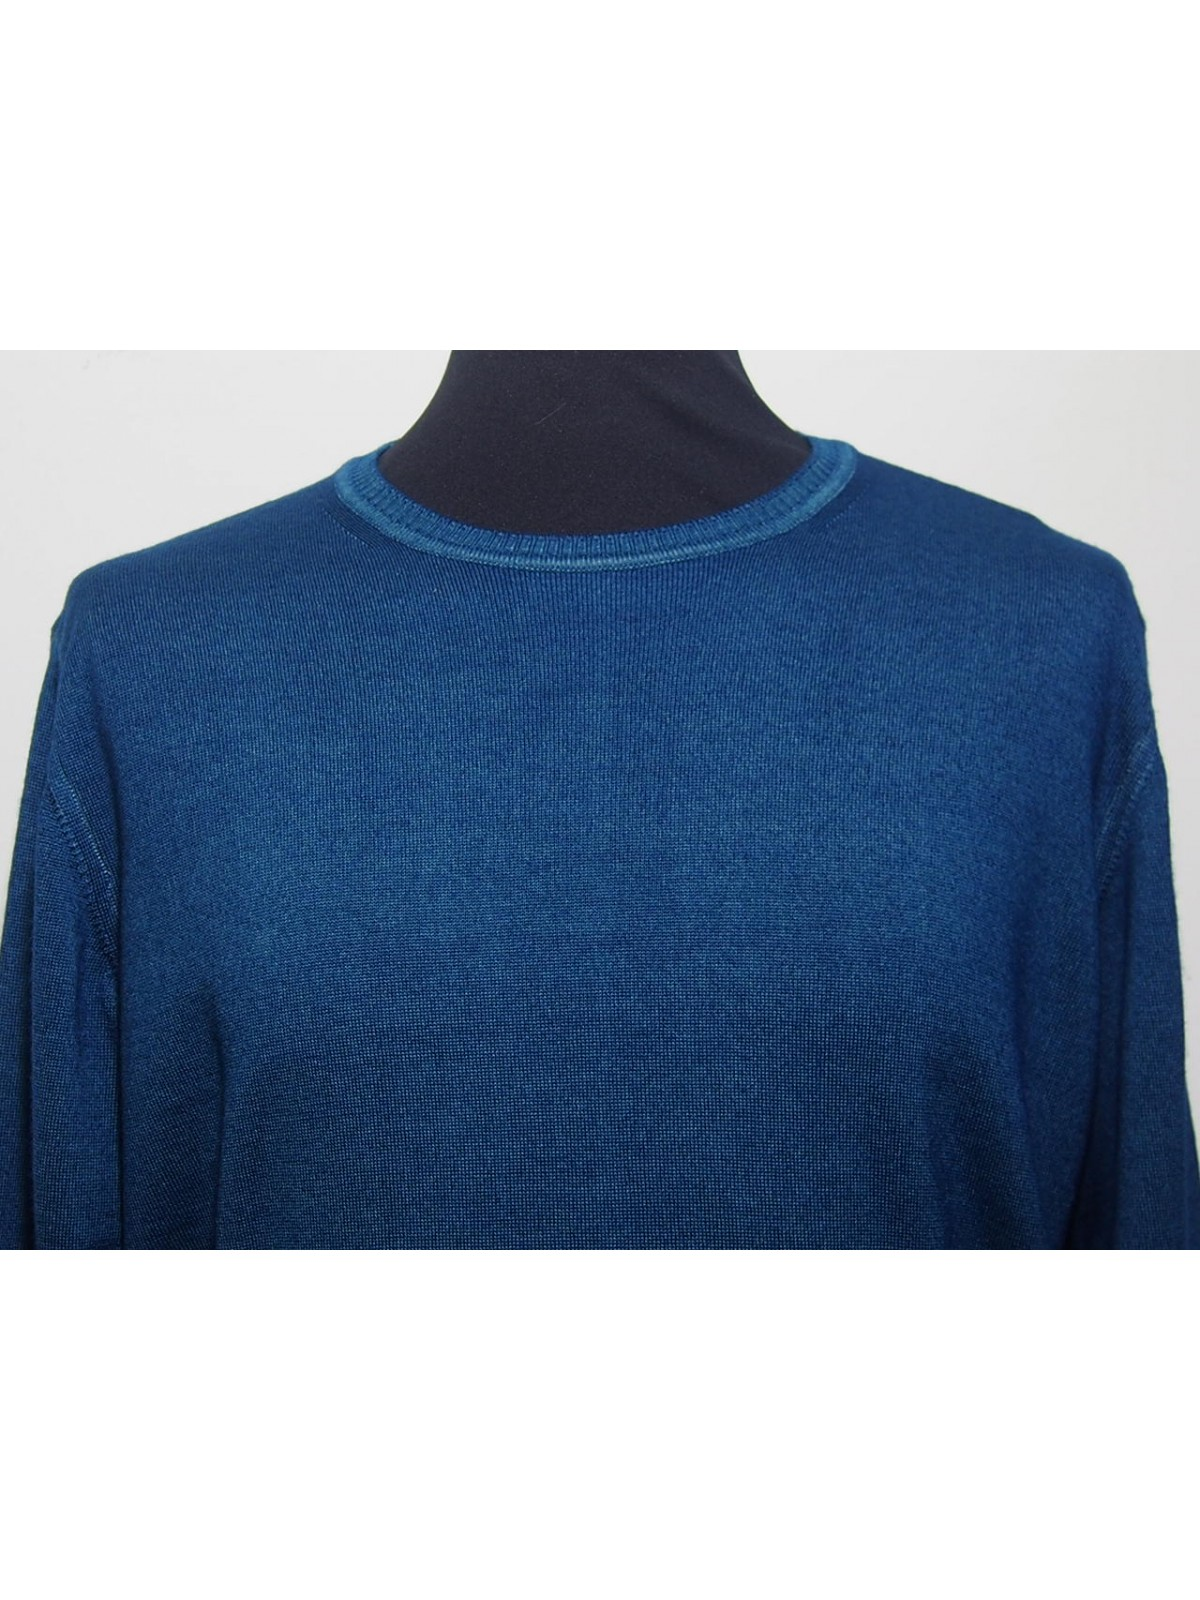 Джемпер мужской Wool & Co 01